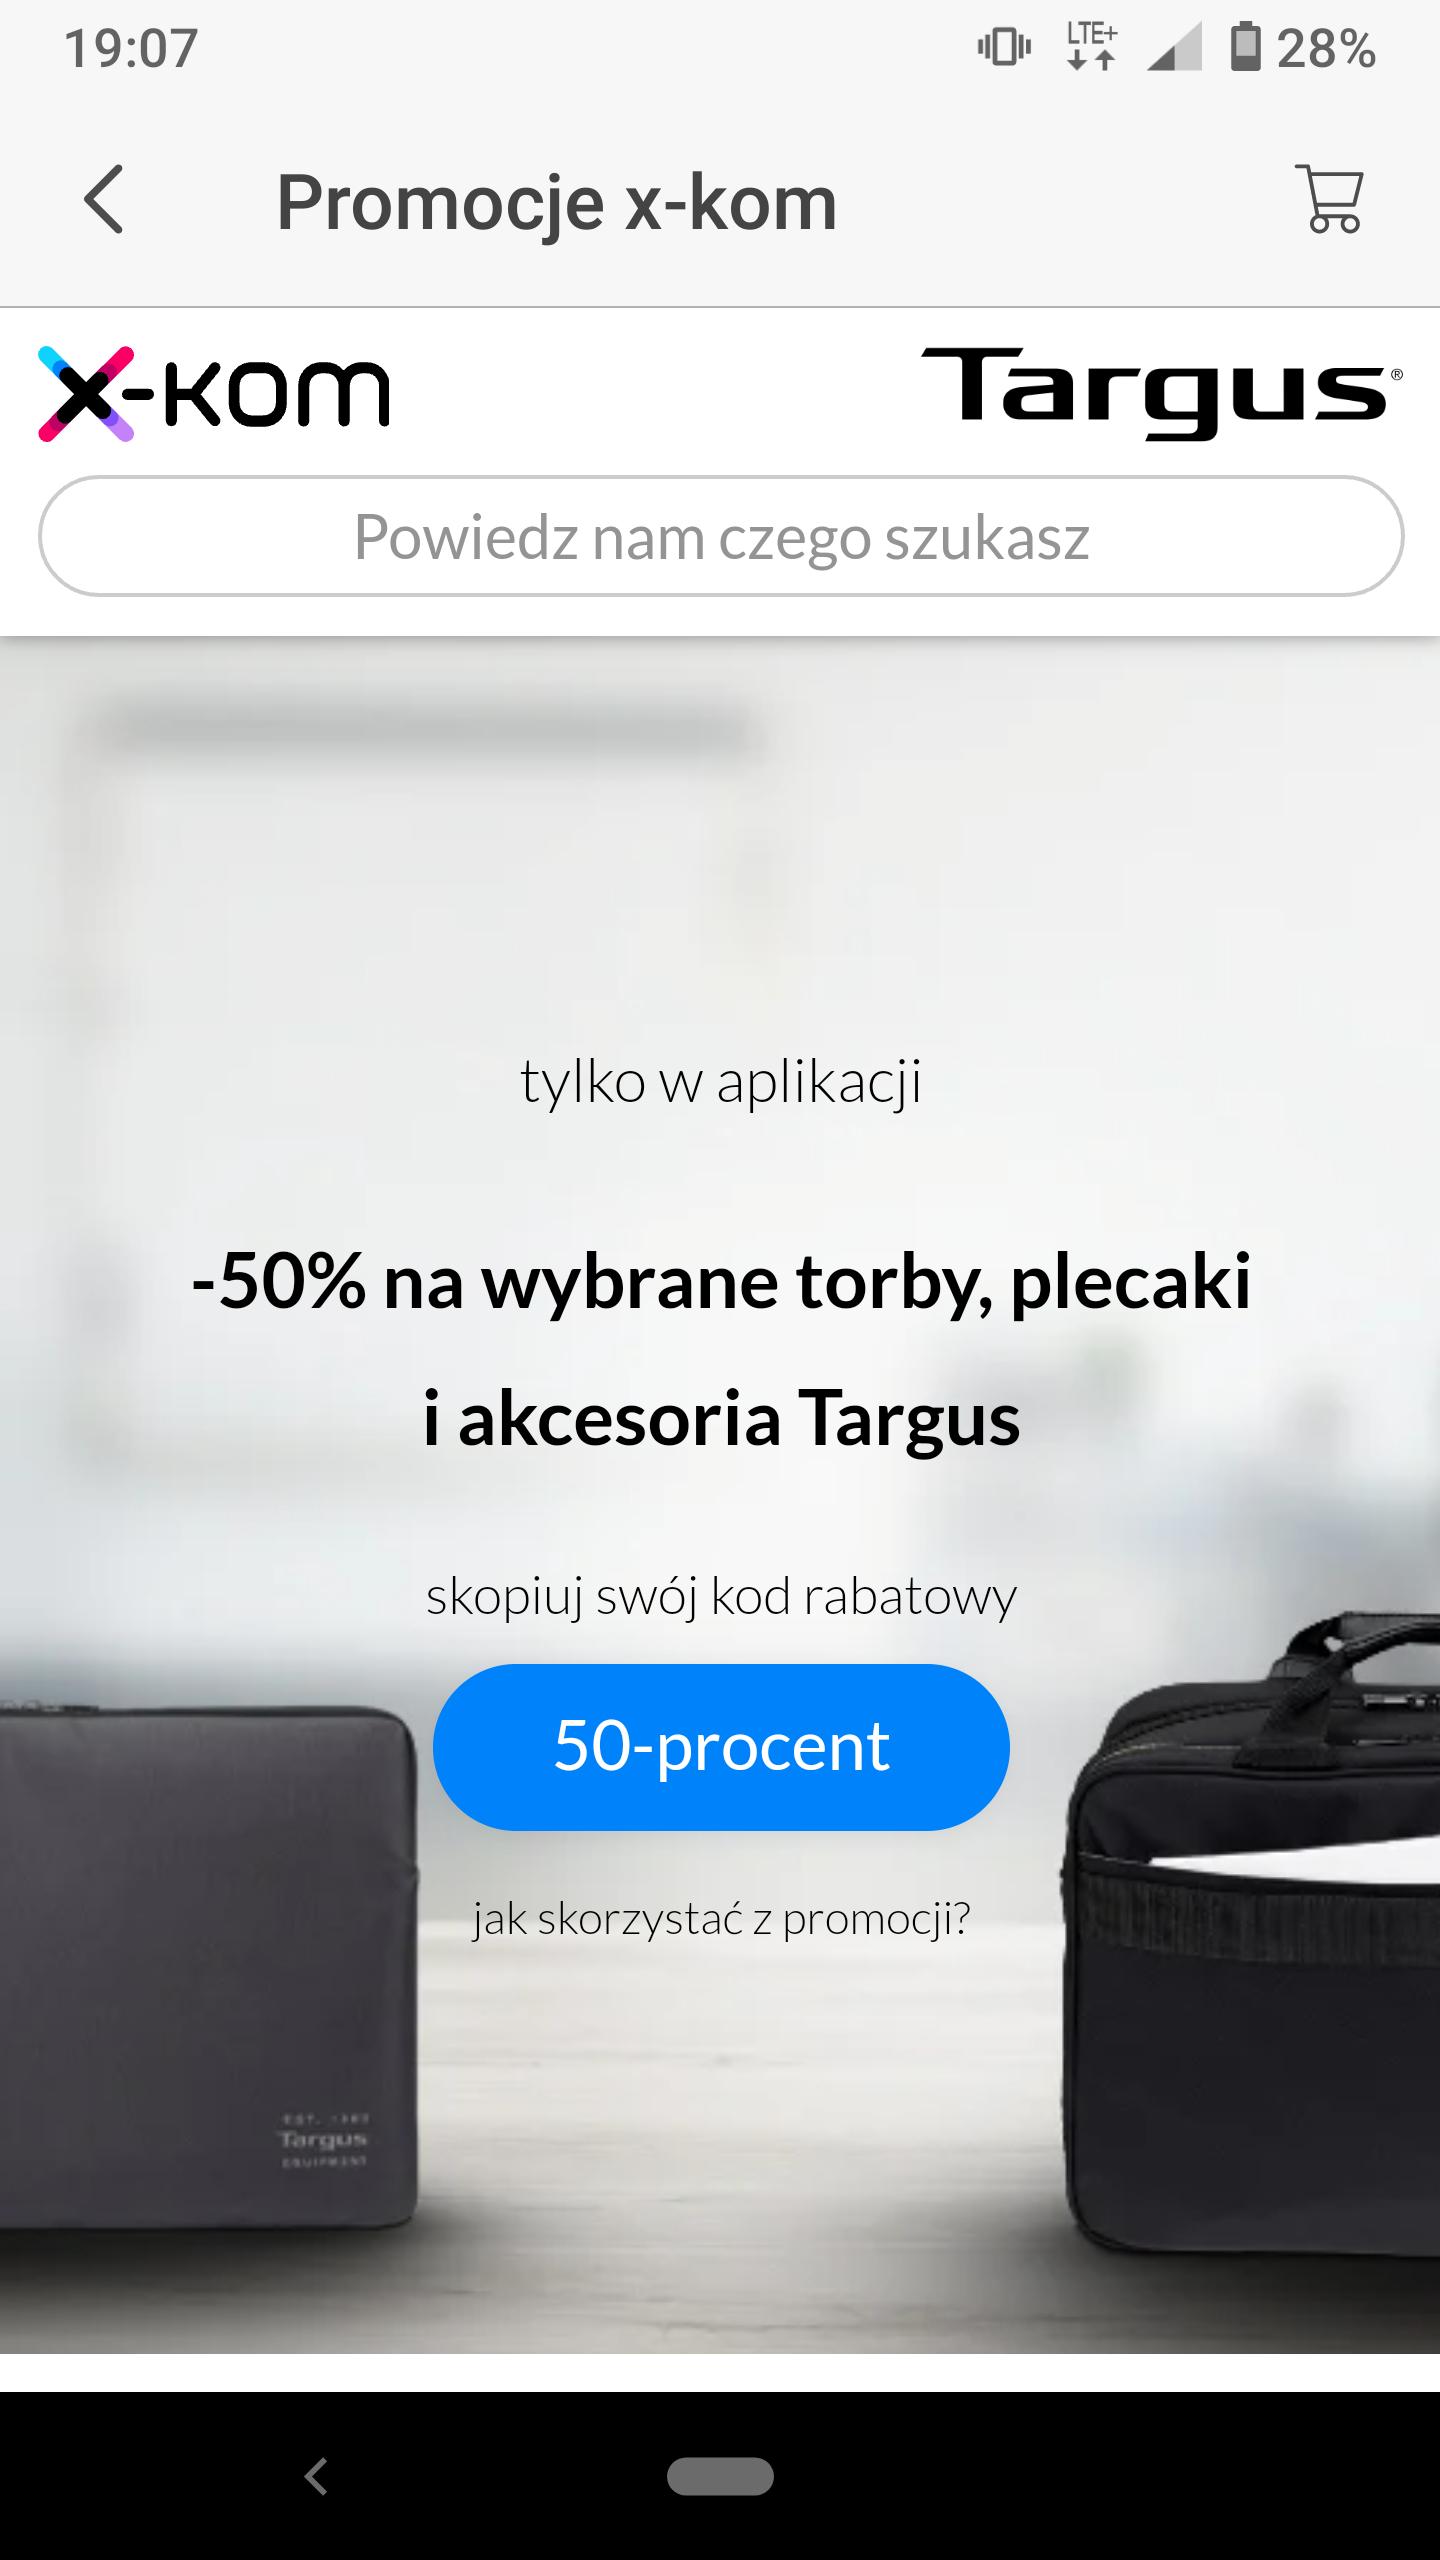 -50% na wybrane torby, plecaki i akcesoria Targus w aplikacji x-kom